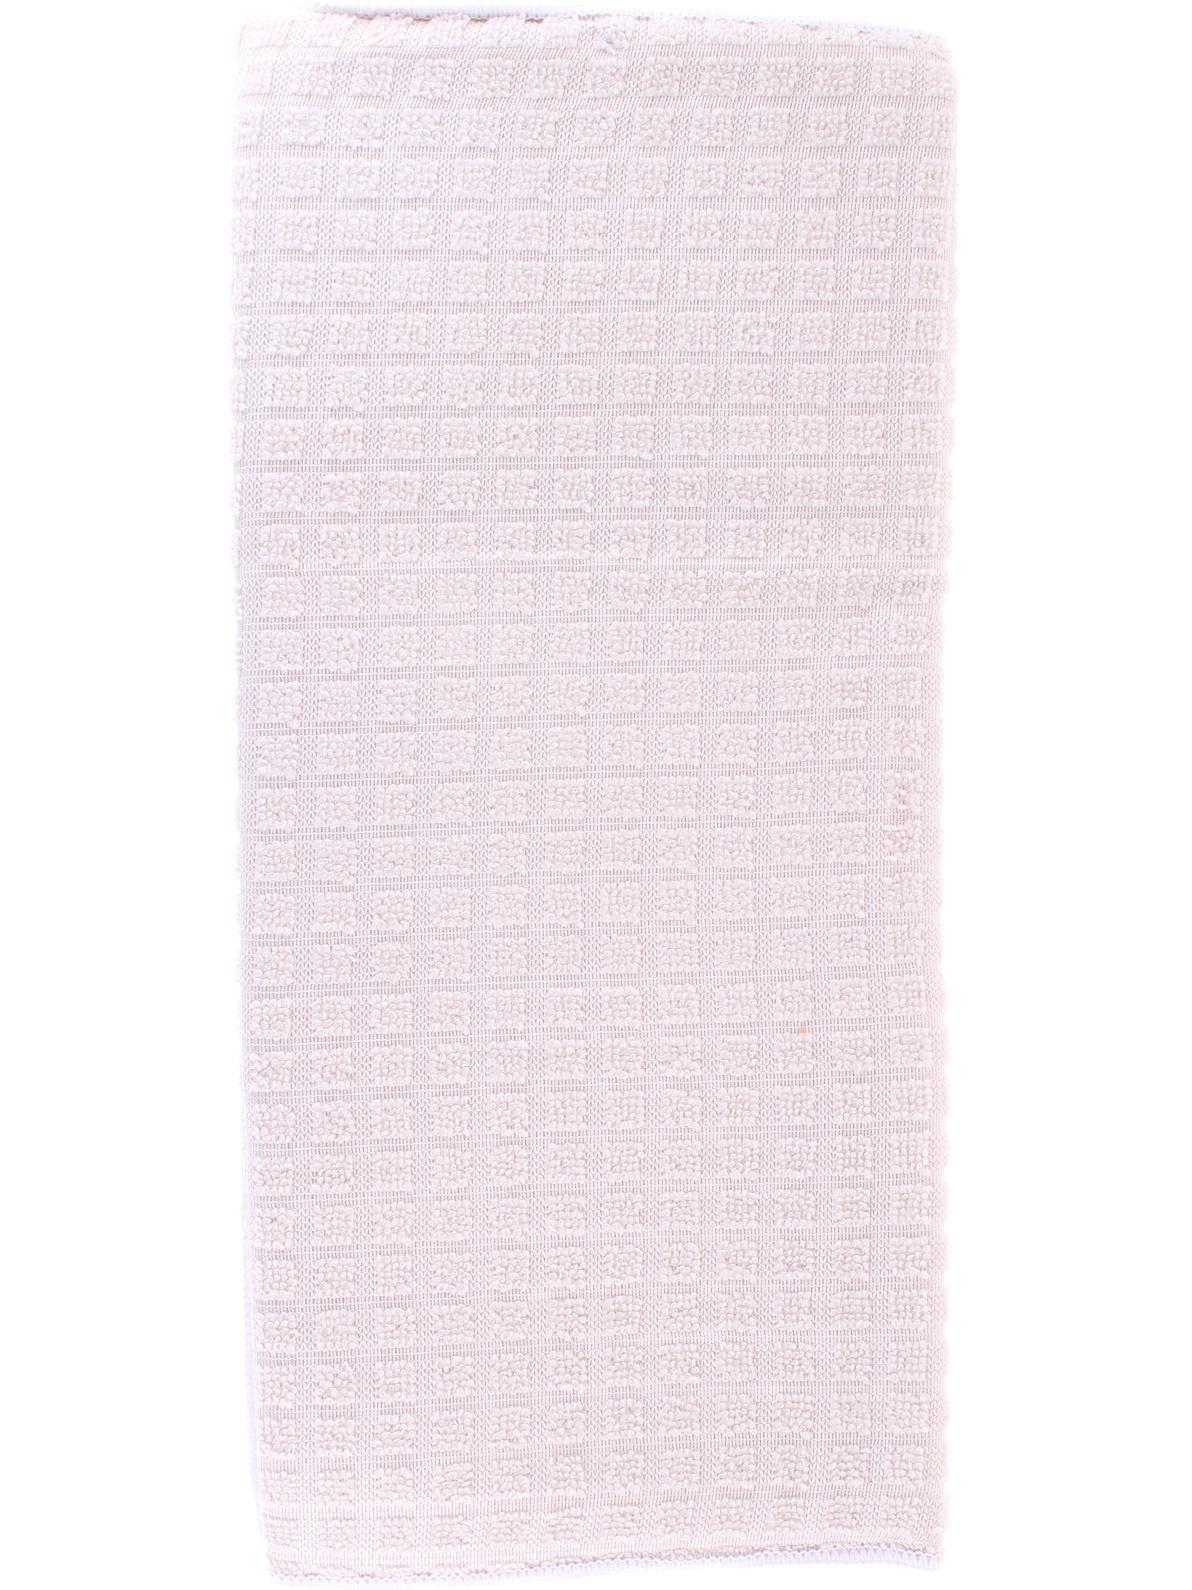 Коврик для сушки посуды Выручалочка, 7426936760260, светло-розовый, 39 х 51 см7426936760260Коврик для сушки посуды выполнен из высокоабсорбирующей и быстро сохнущей микрофибры. Эффективно поглощающий материал надежно фиксирует воду, мягкая текстильная поверхность защищает стаканы, столовые приборы, инструменты и посуду от повреждений. Можно после использования свернуть или сложить Ваша посуда высохнет быстрее, если после мойки вы поместите ее на легкую, современную сушилку. Коврик станет незаменимым атрибутом на вашей кухне.